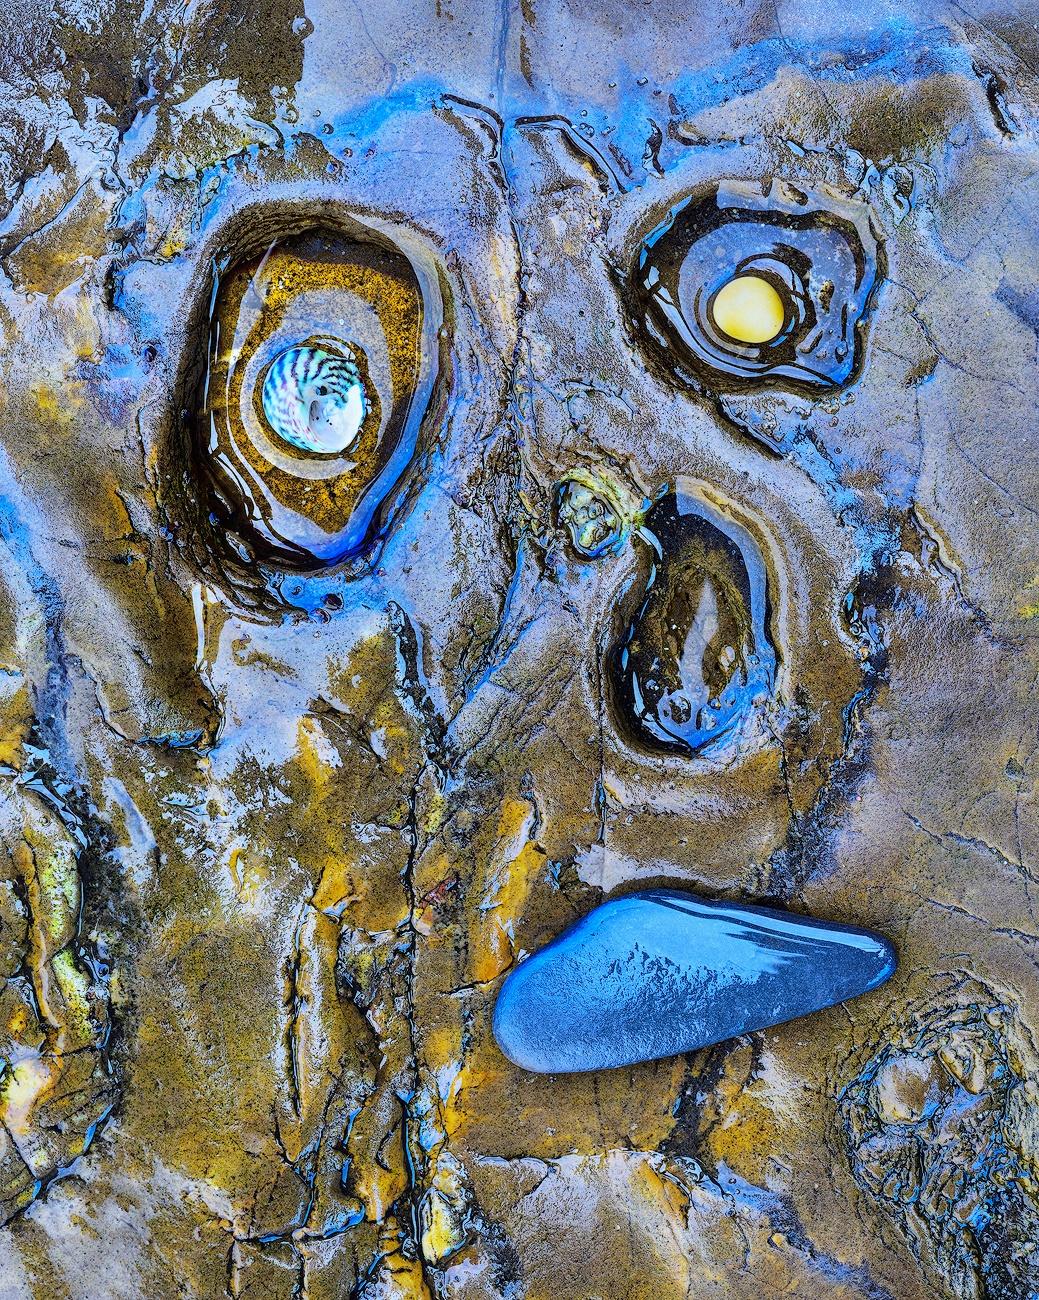 Stone face - Cesar Llaneza - Portfolio Natural, Fotografía de Naturaleza de Autor